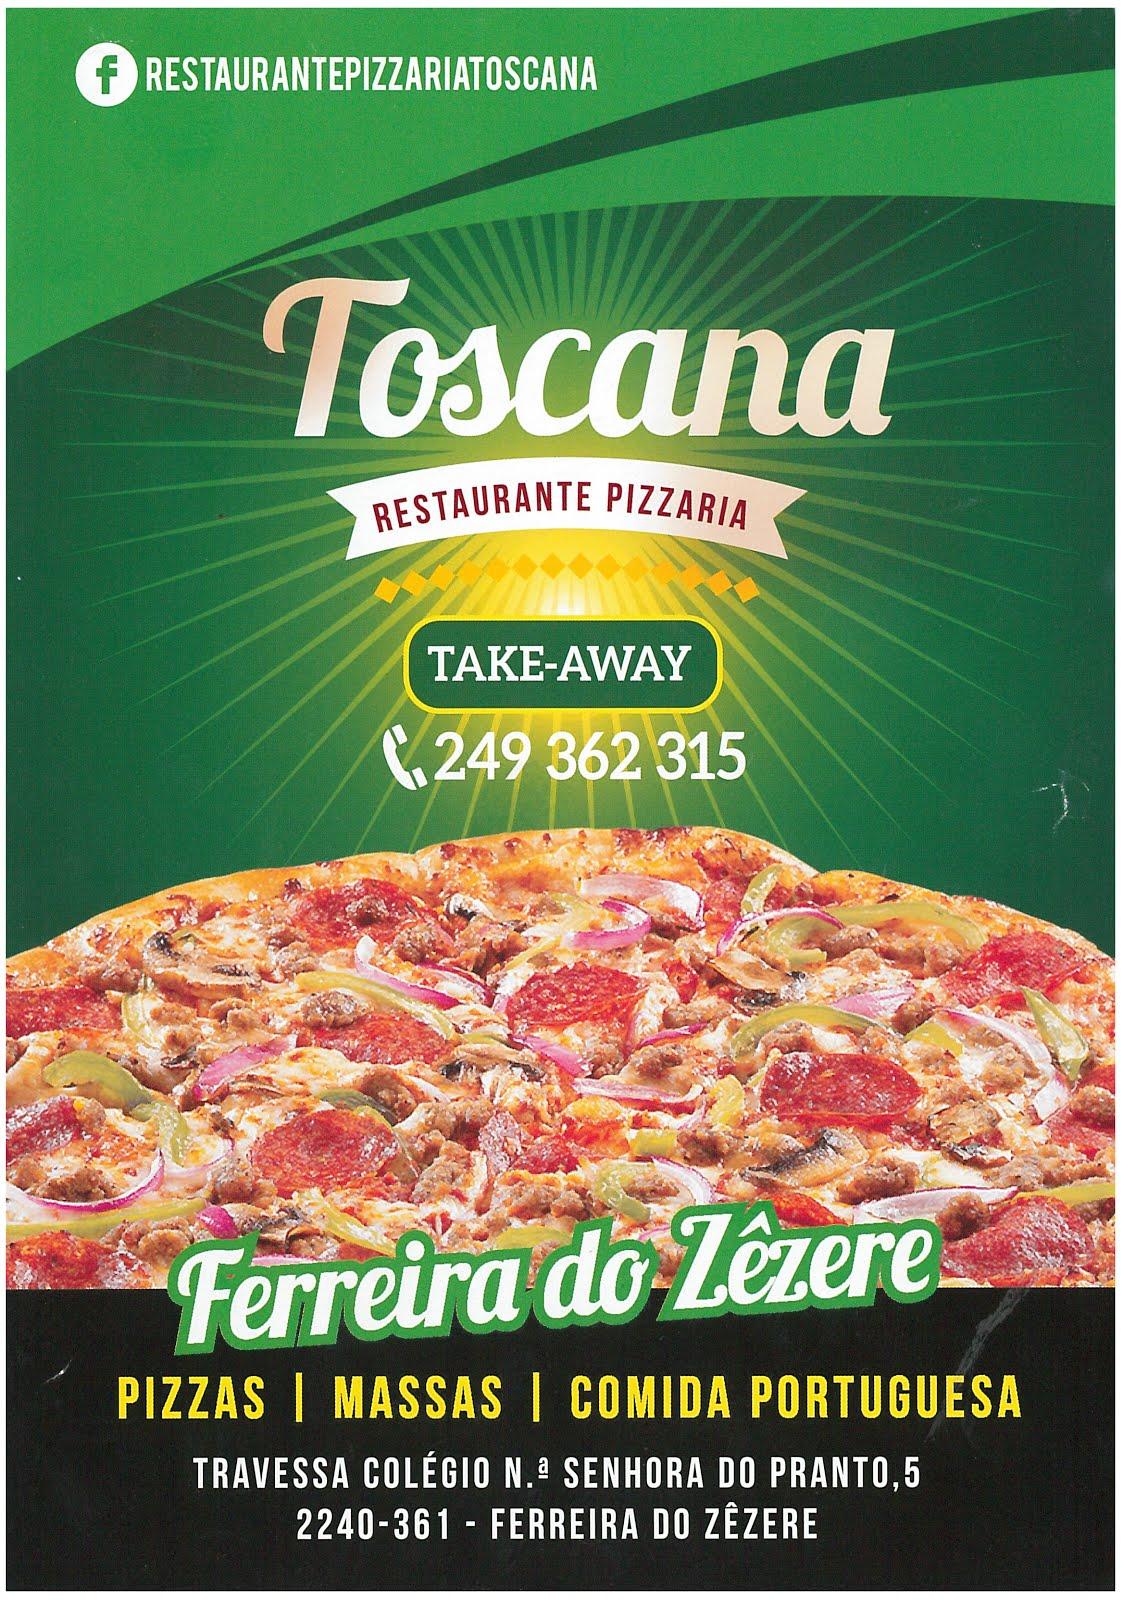 Espaço comercial - Restaurante Toscana em Ferreira do Zêzere